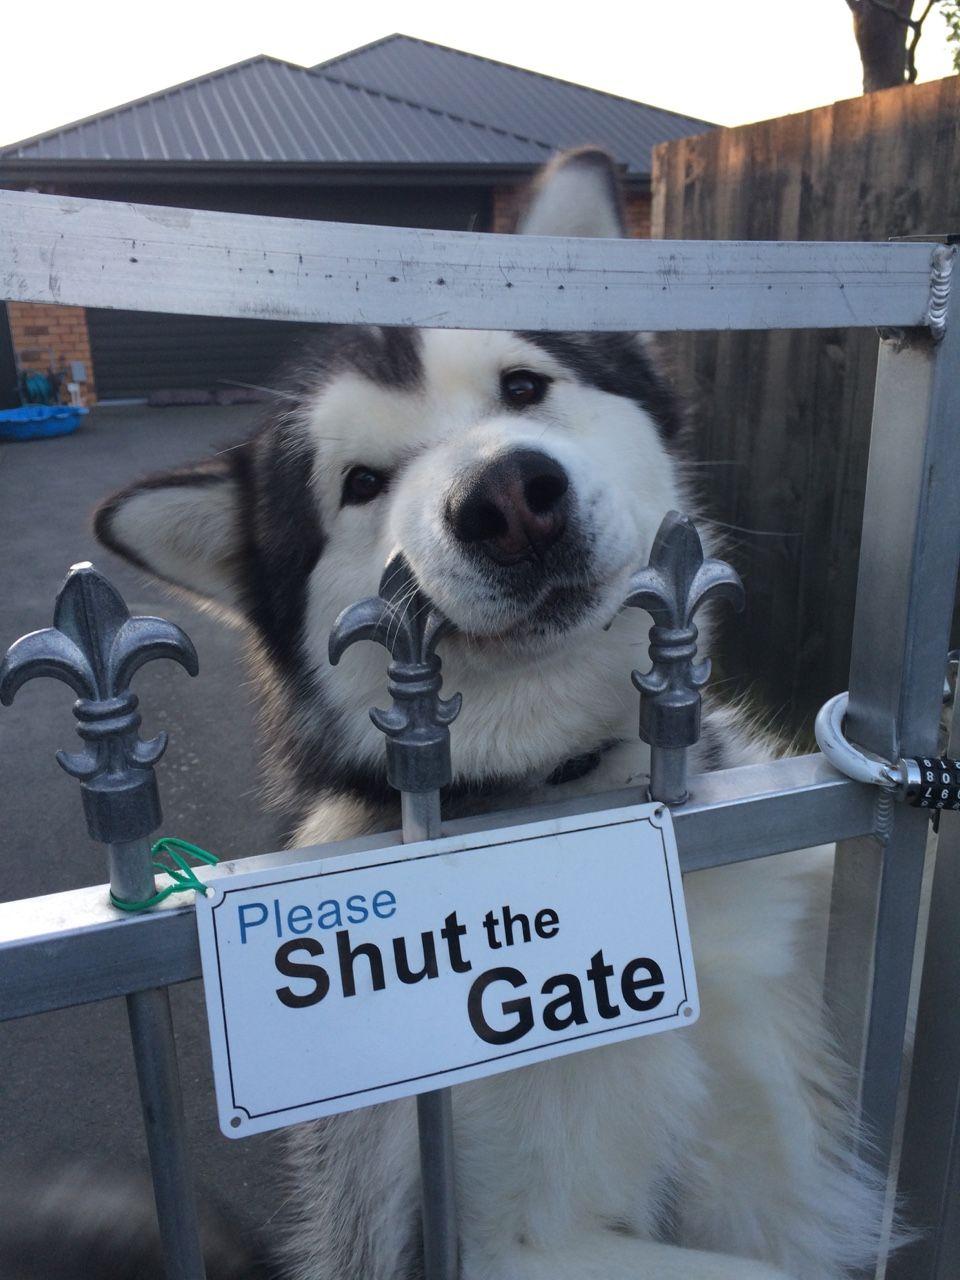 You close gate?